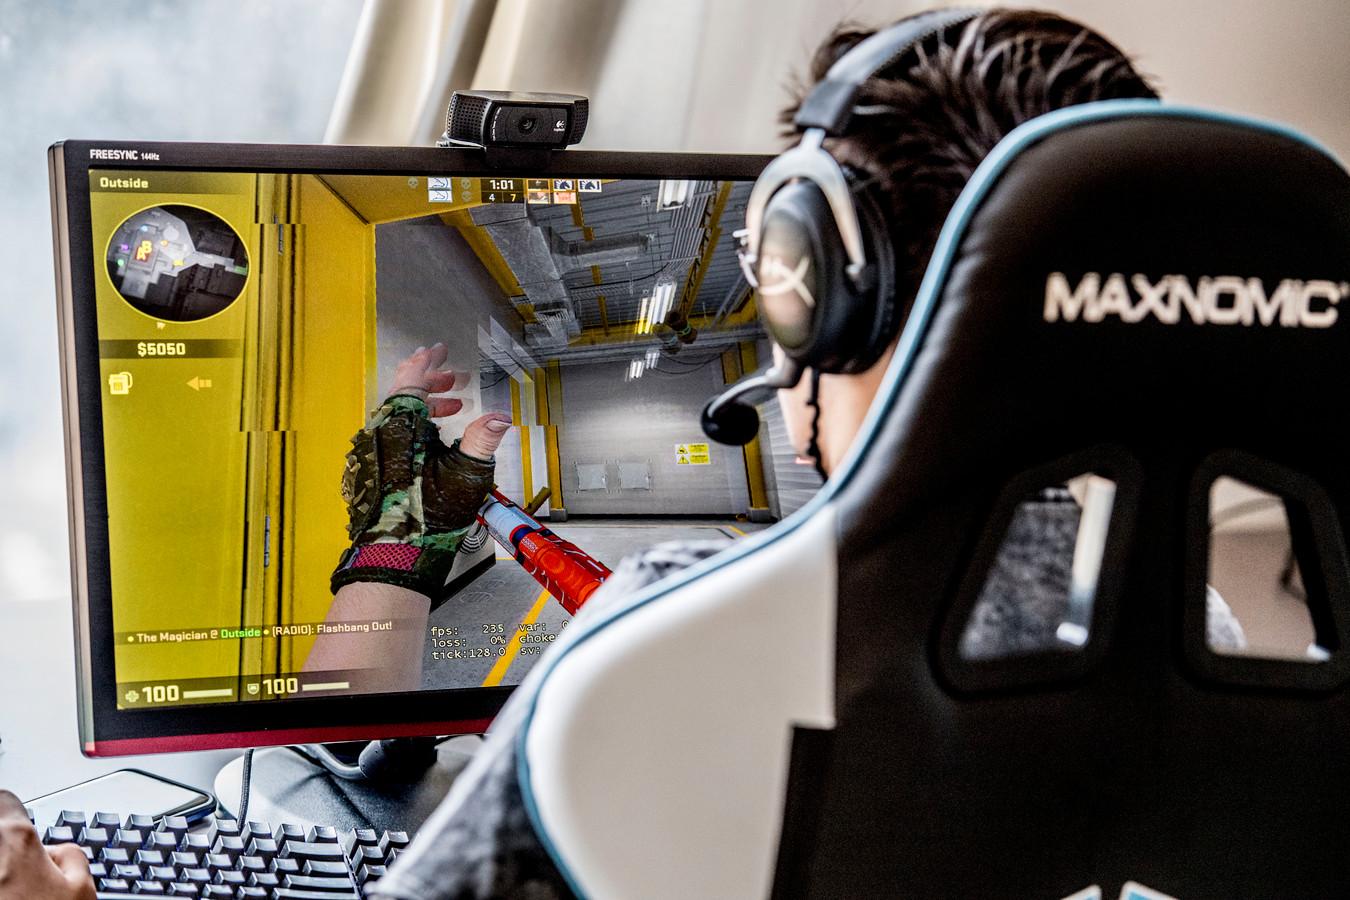 Counter-Strike-organisatie Heroic heeft het contract ontbonden met één van zijn spelers, nadat hij strategische informatie gelekt zou hebben.